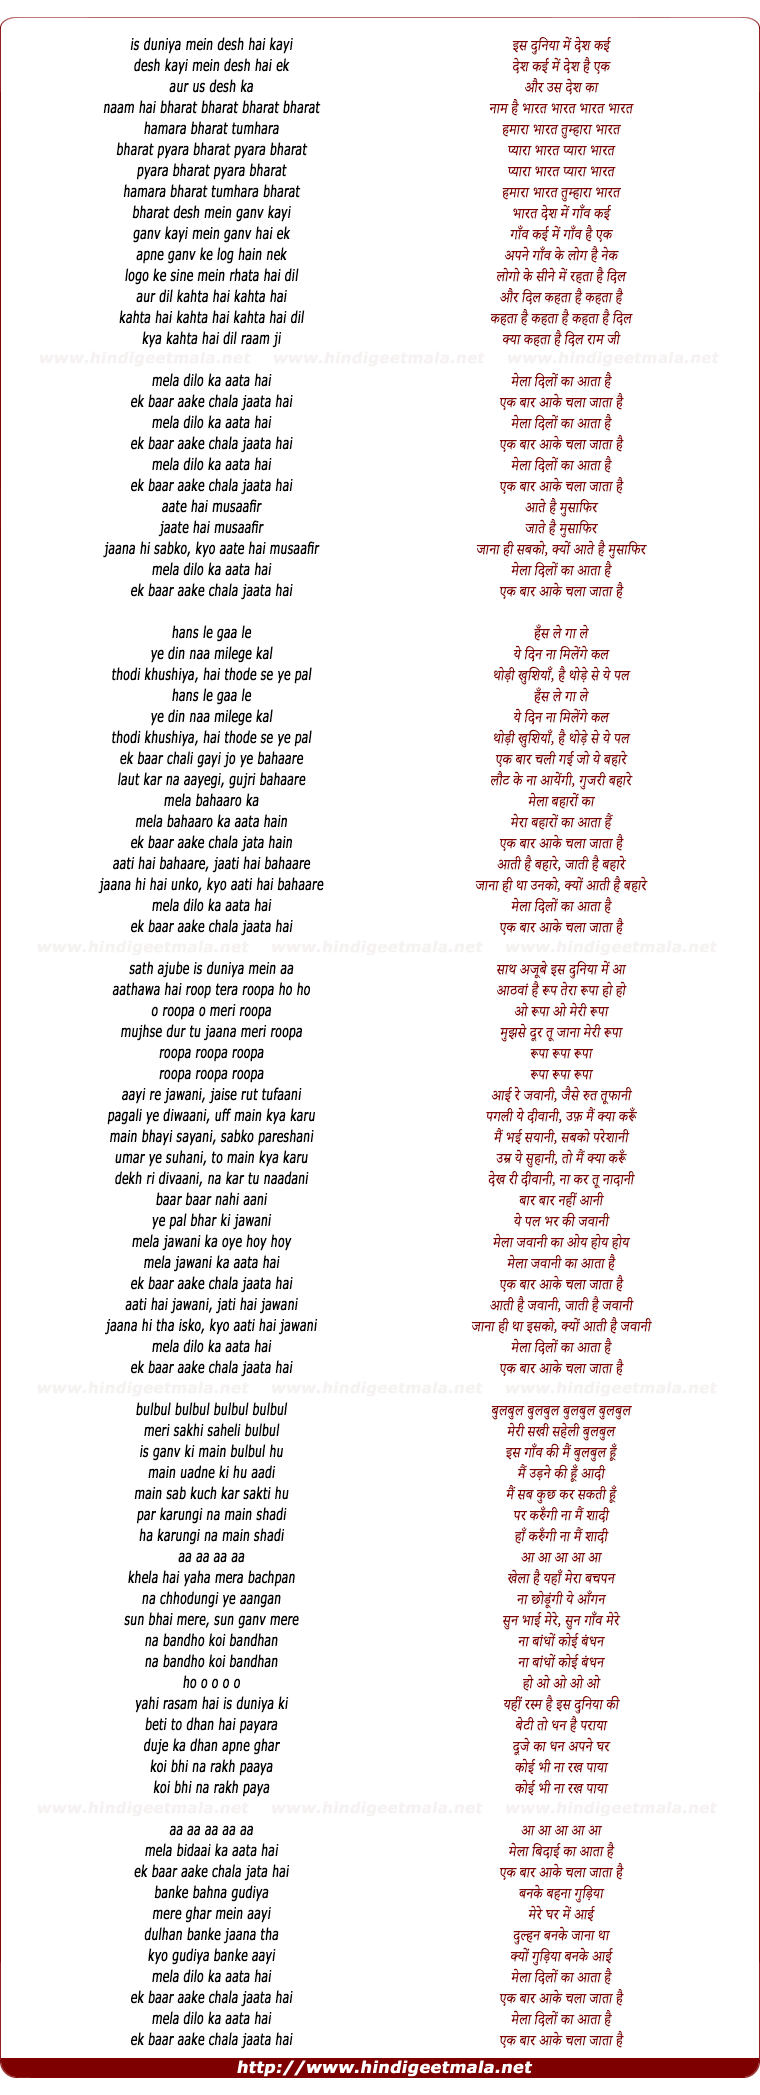 lyrics of song Melaa Dilon Kaa Aataa Hai Ik Baar